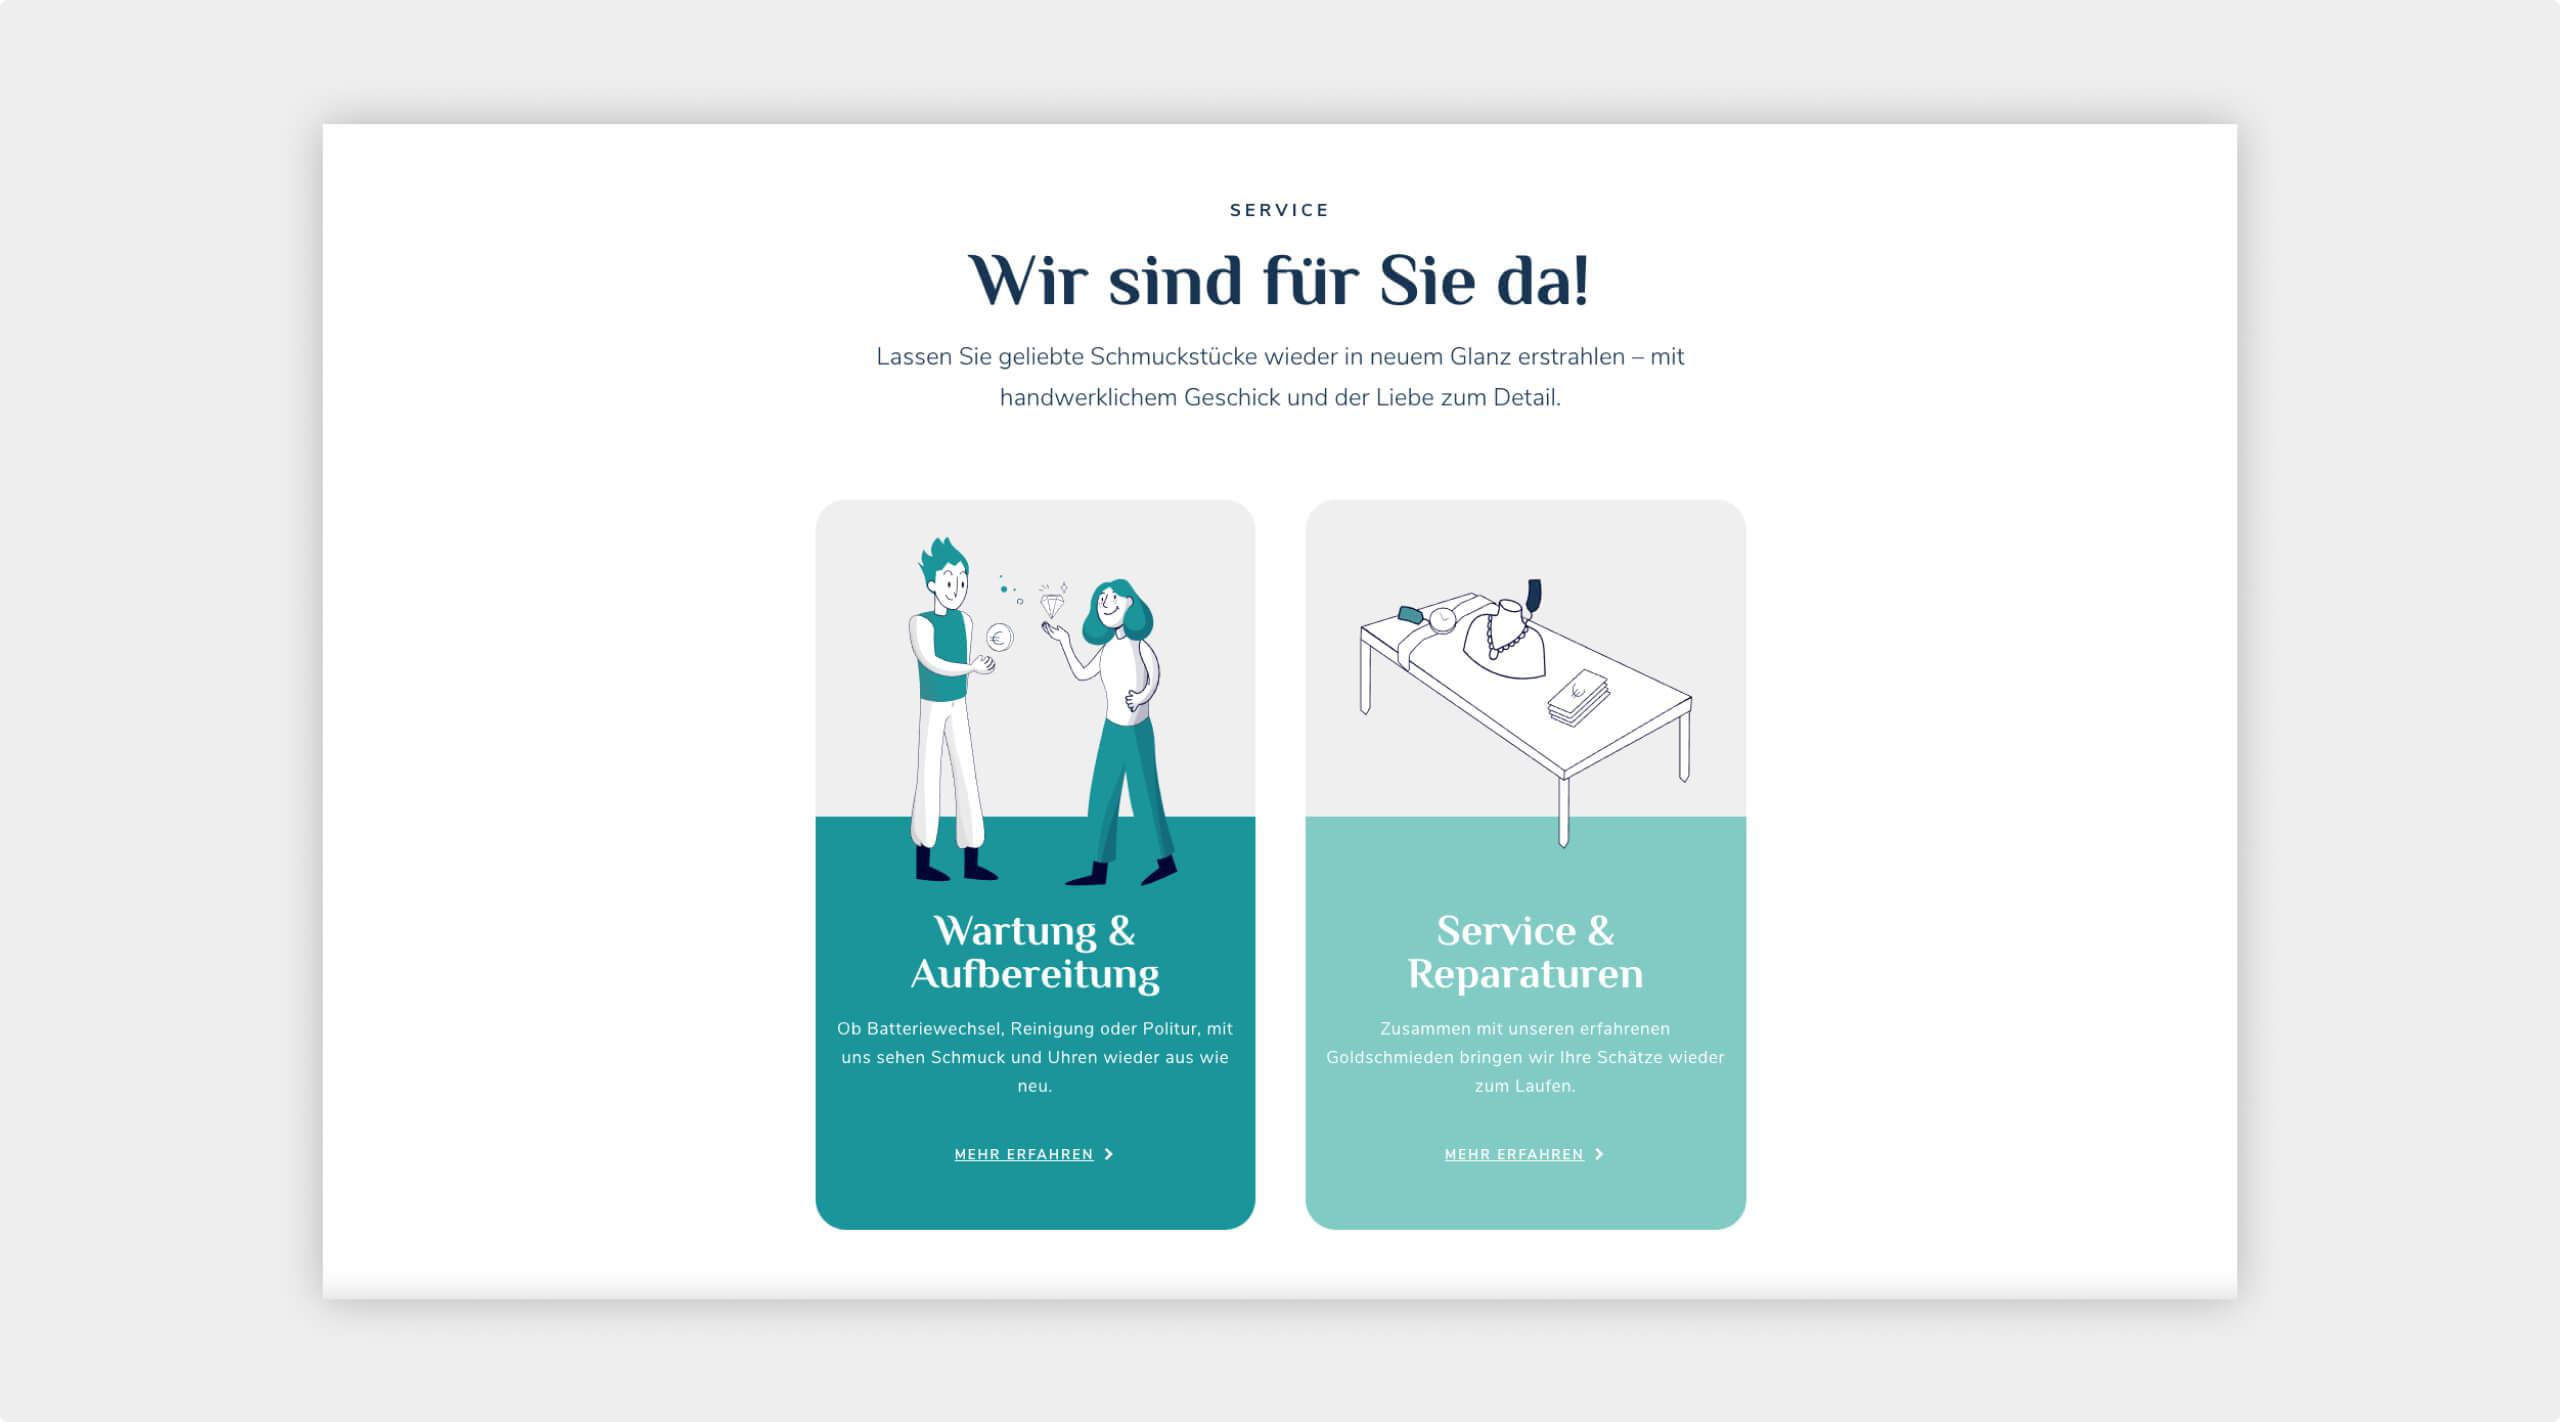 Darstellung des Service auf der Website in 2-spaltigem Layout mit Grafiken zum jeweiligen Bereich und Anlesertext.